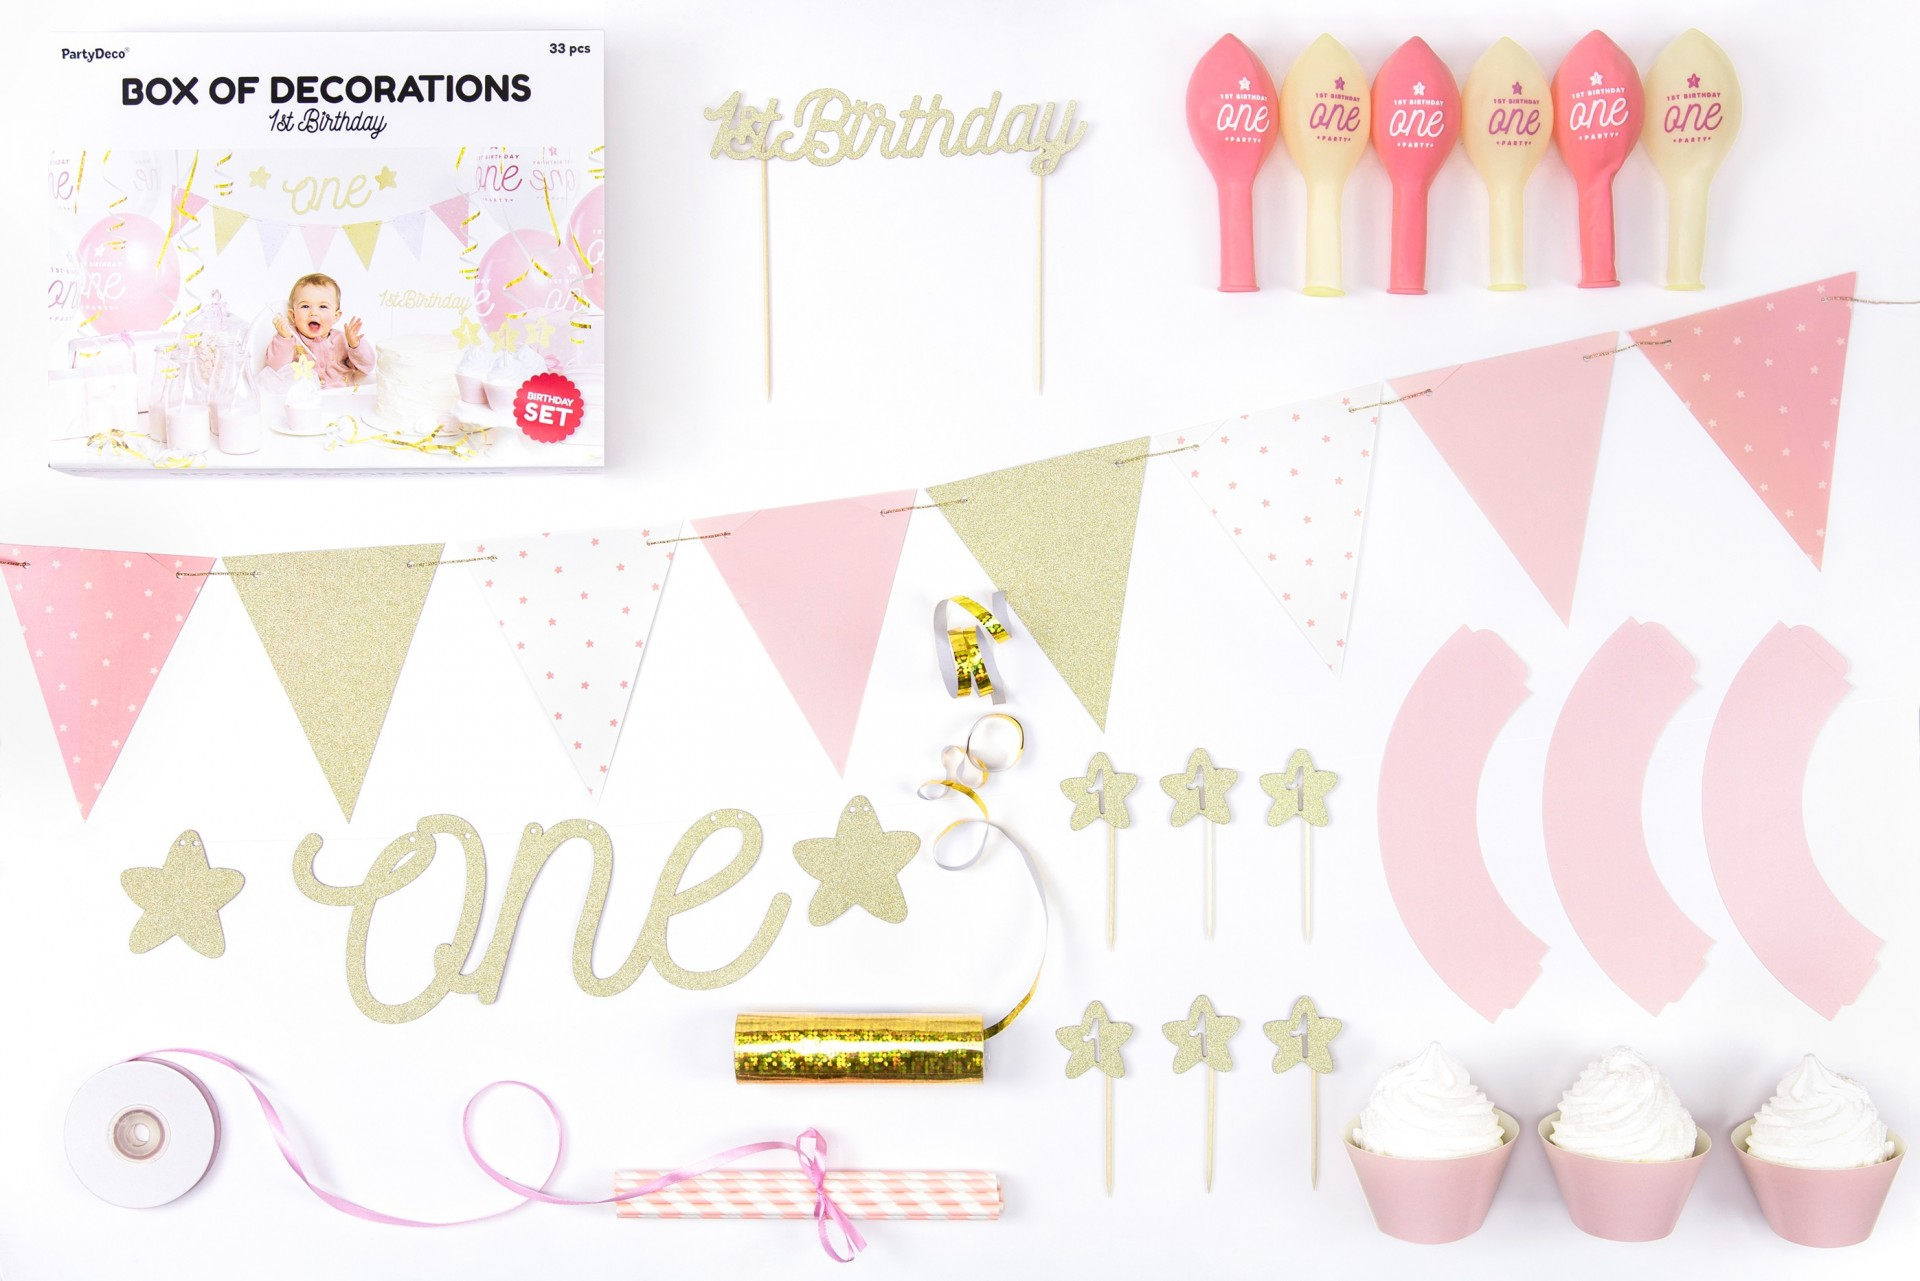 Party box primeiro aniversário rosa